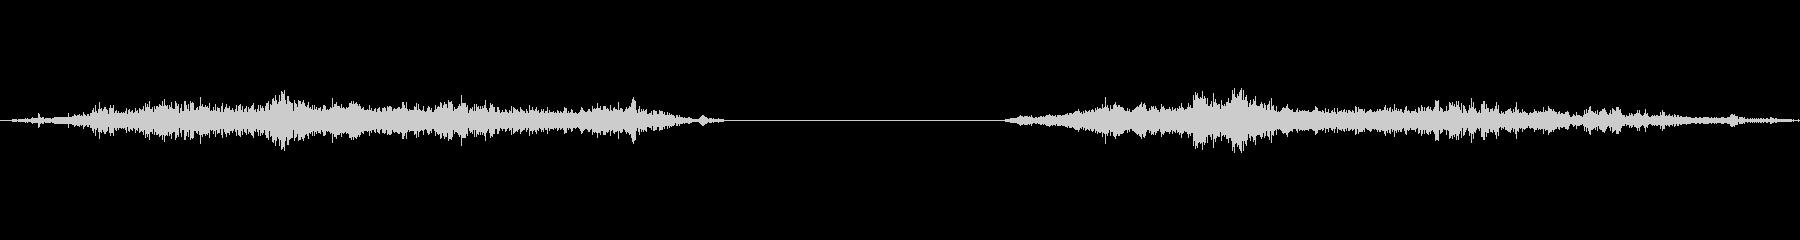 襖の開閉6(速度ゆっくり)の未再生の波形